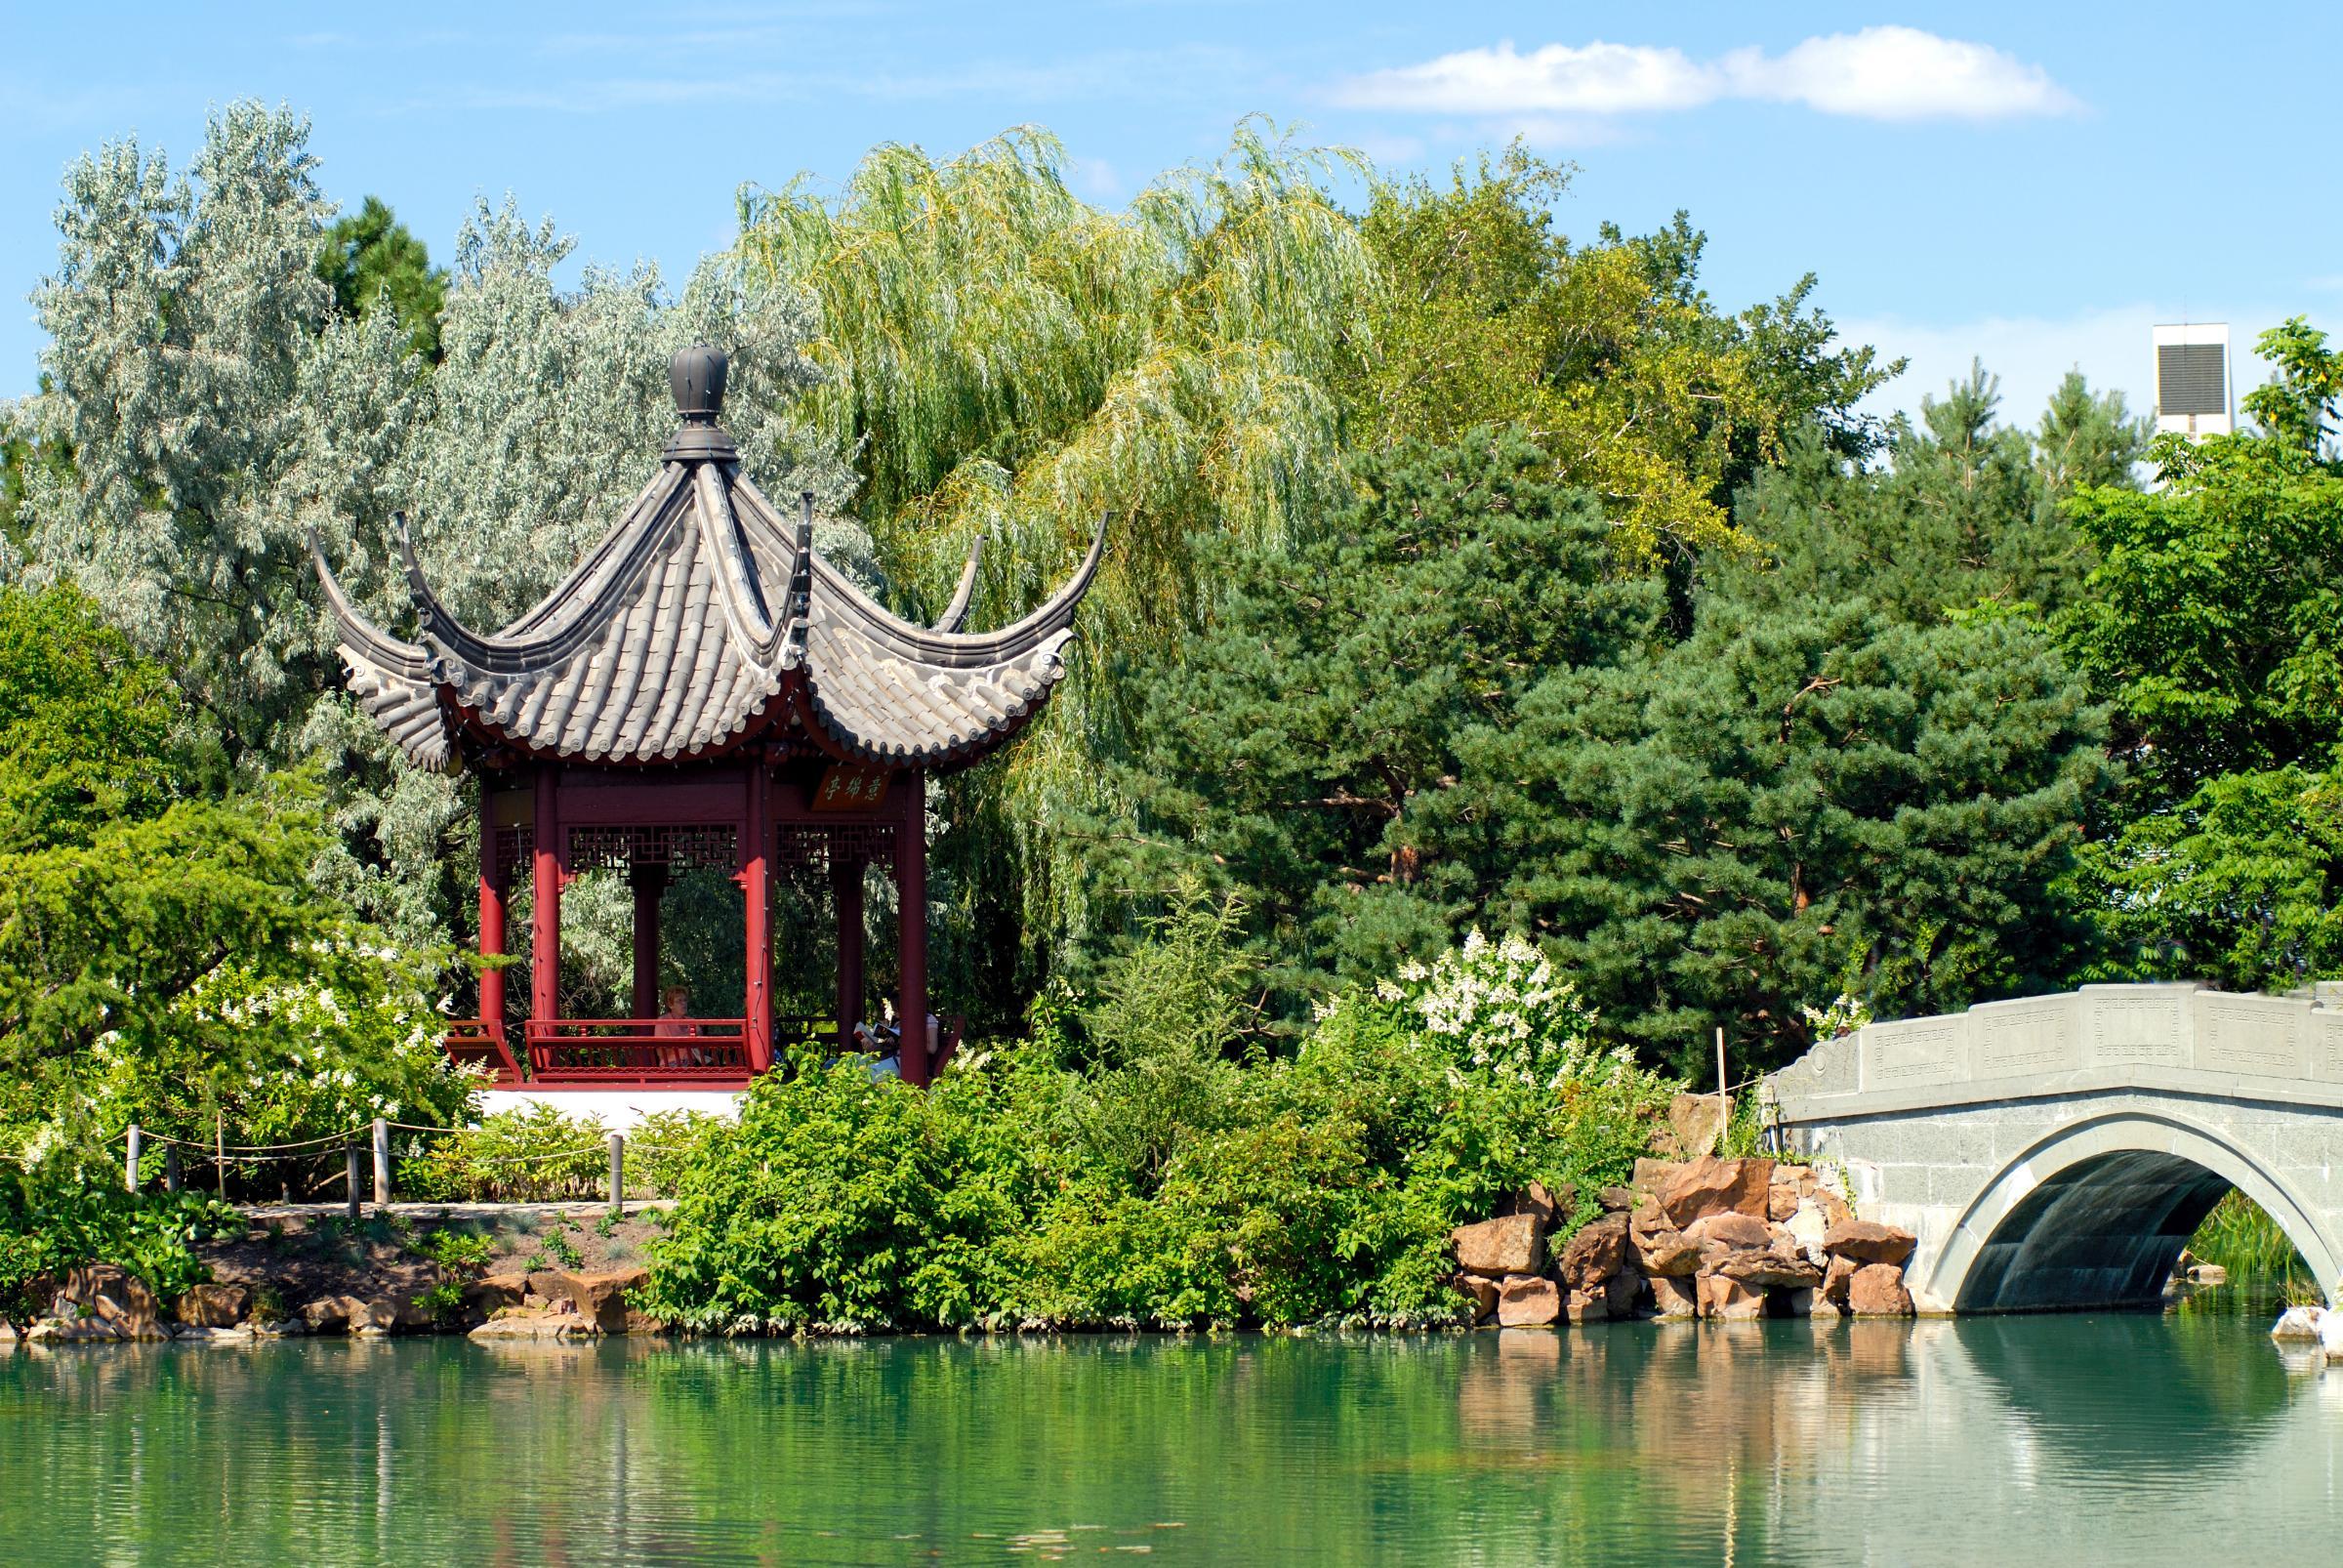 El arte tradicional de los jardines chinos Jardines sin fronteras